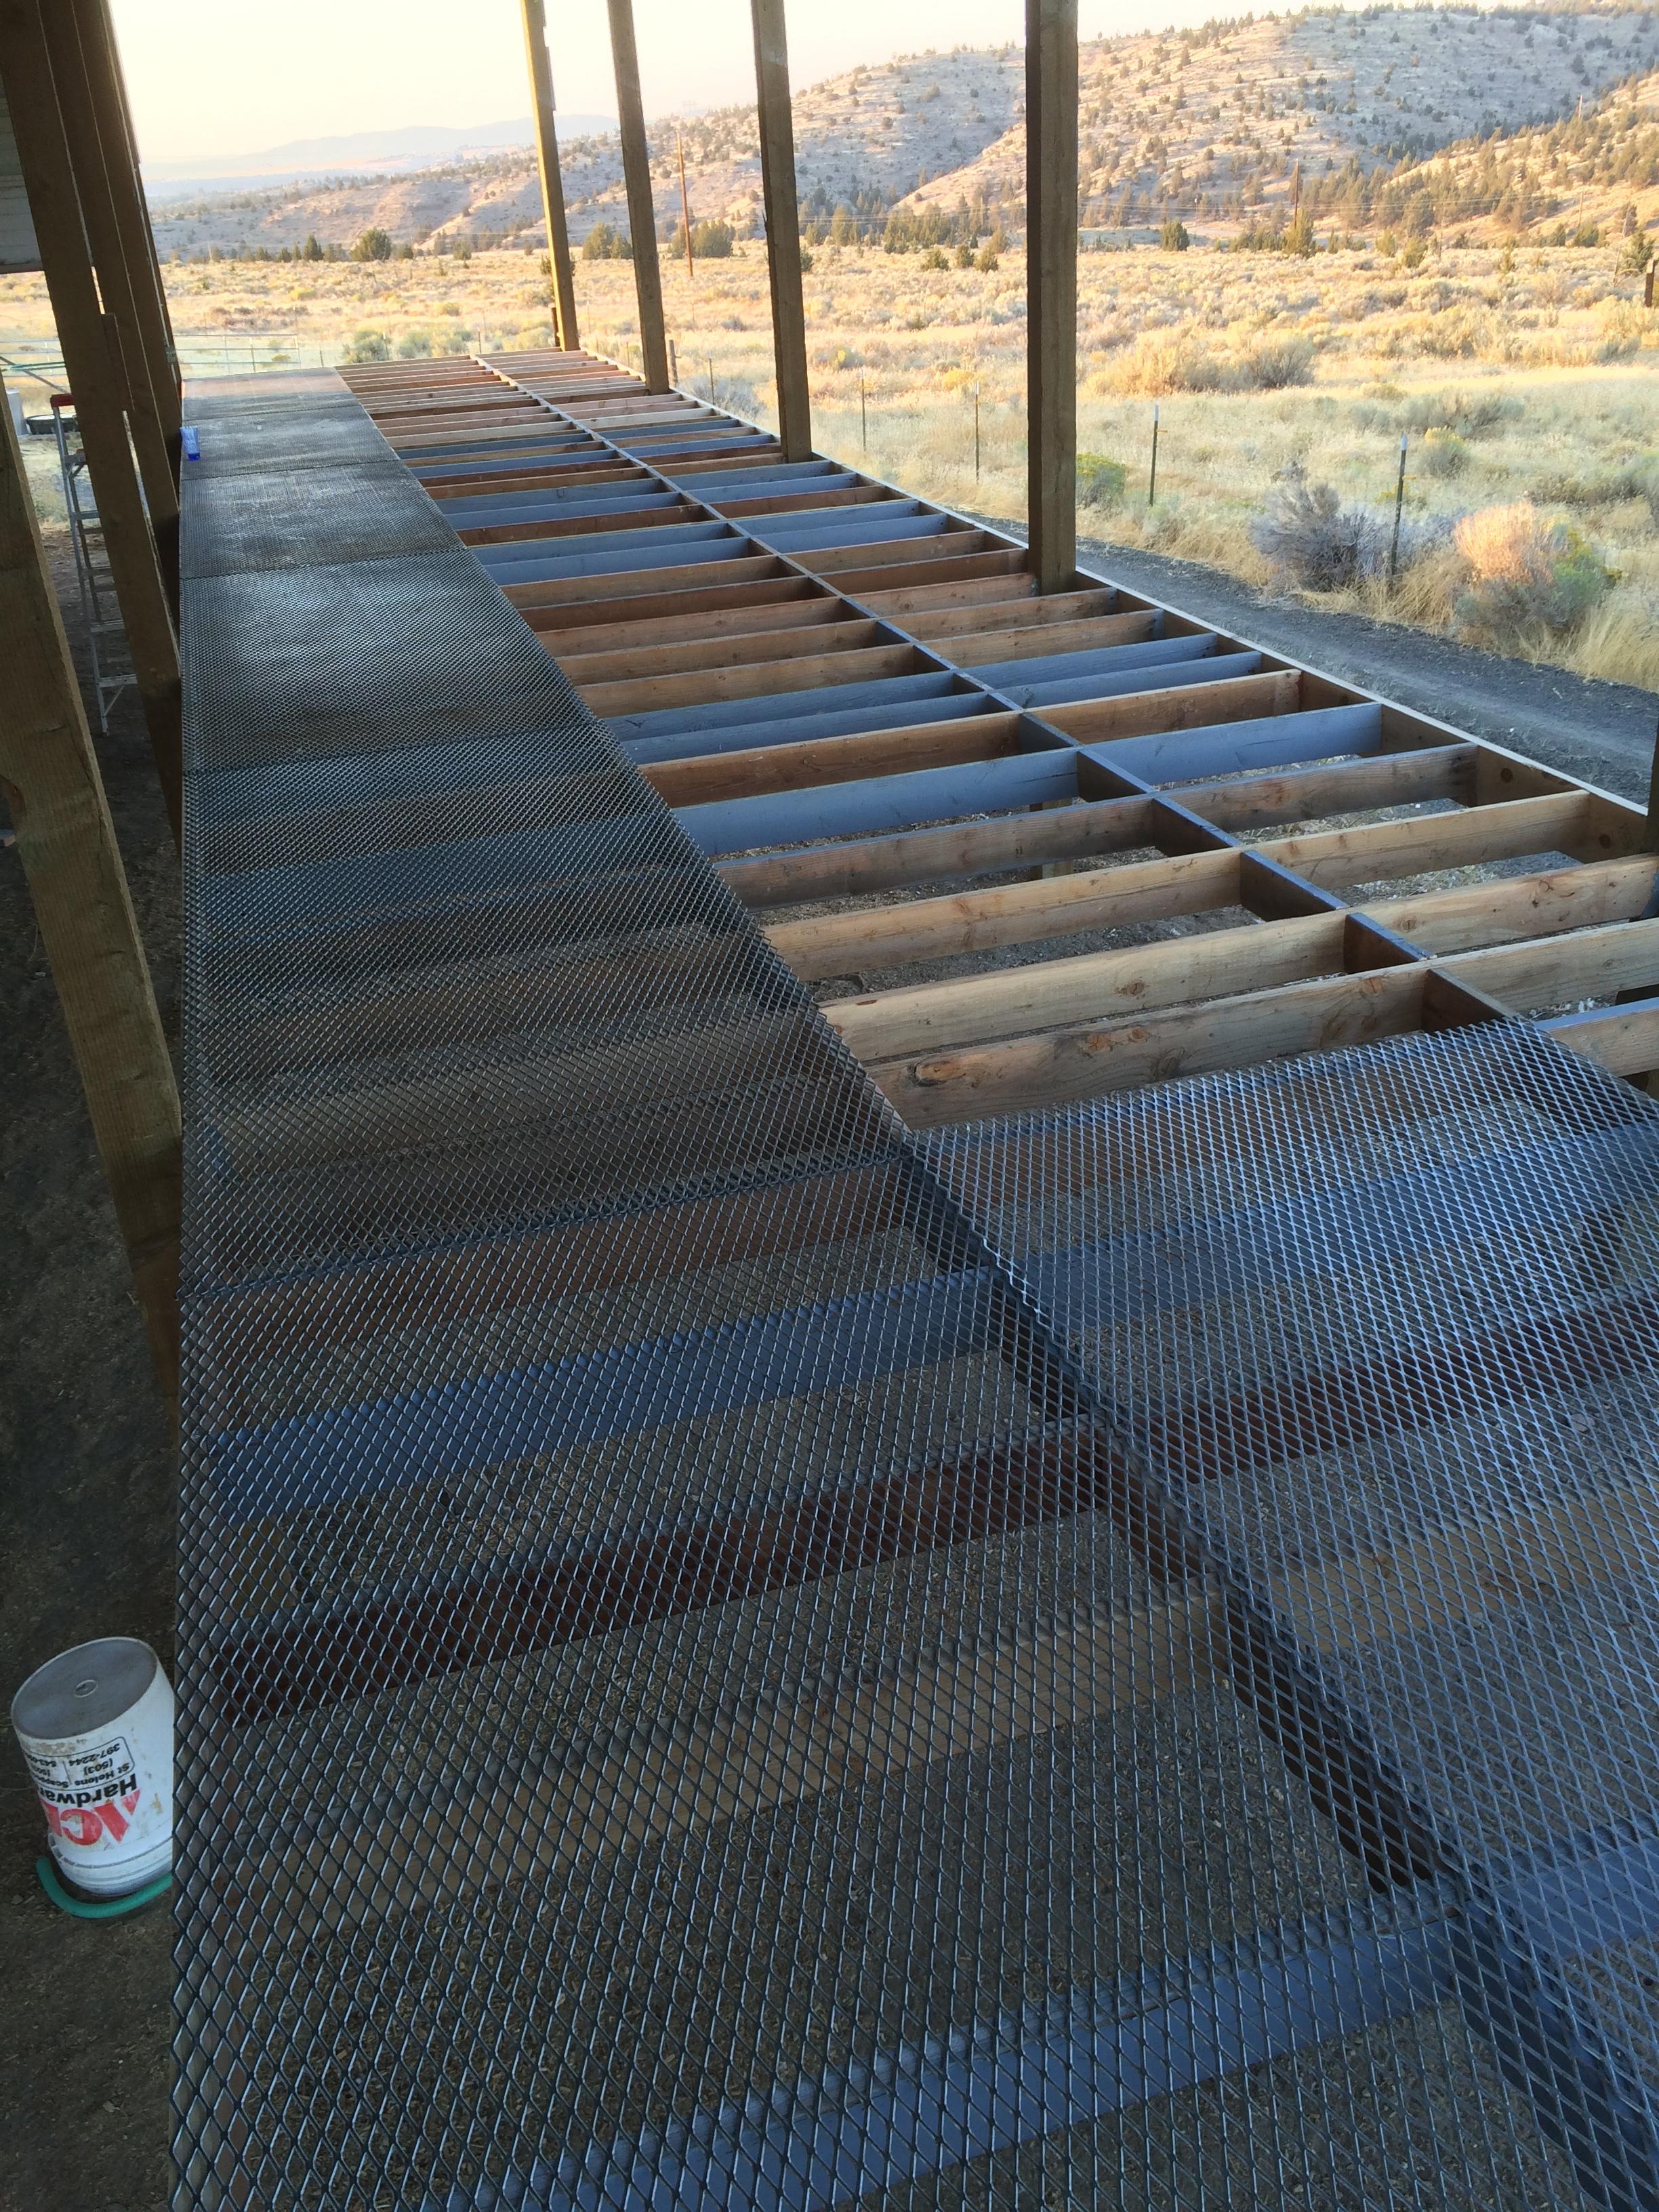 Expanded metal flooring